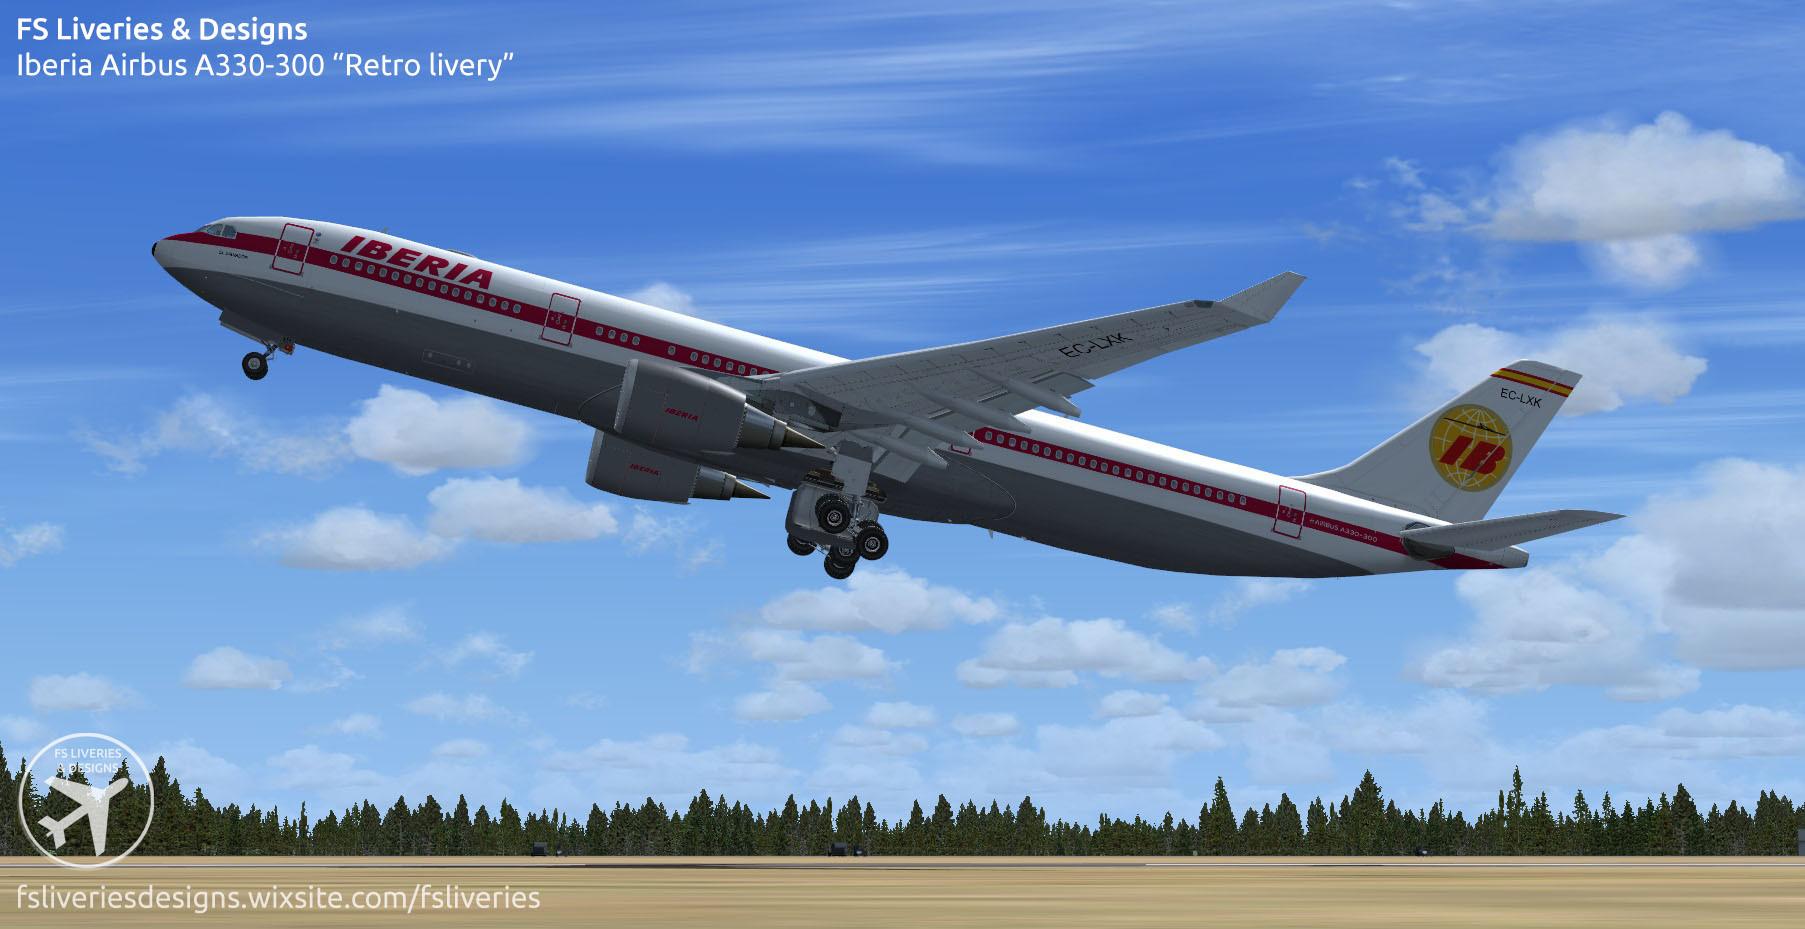 Iberia retro livery Airbus A330-300